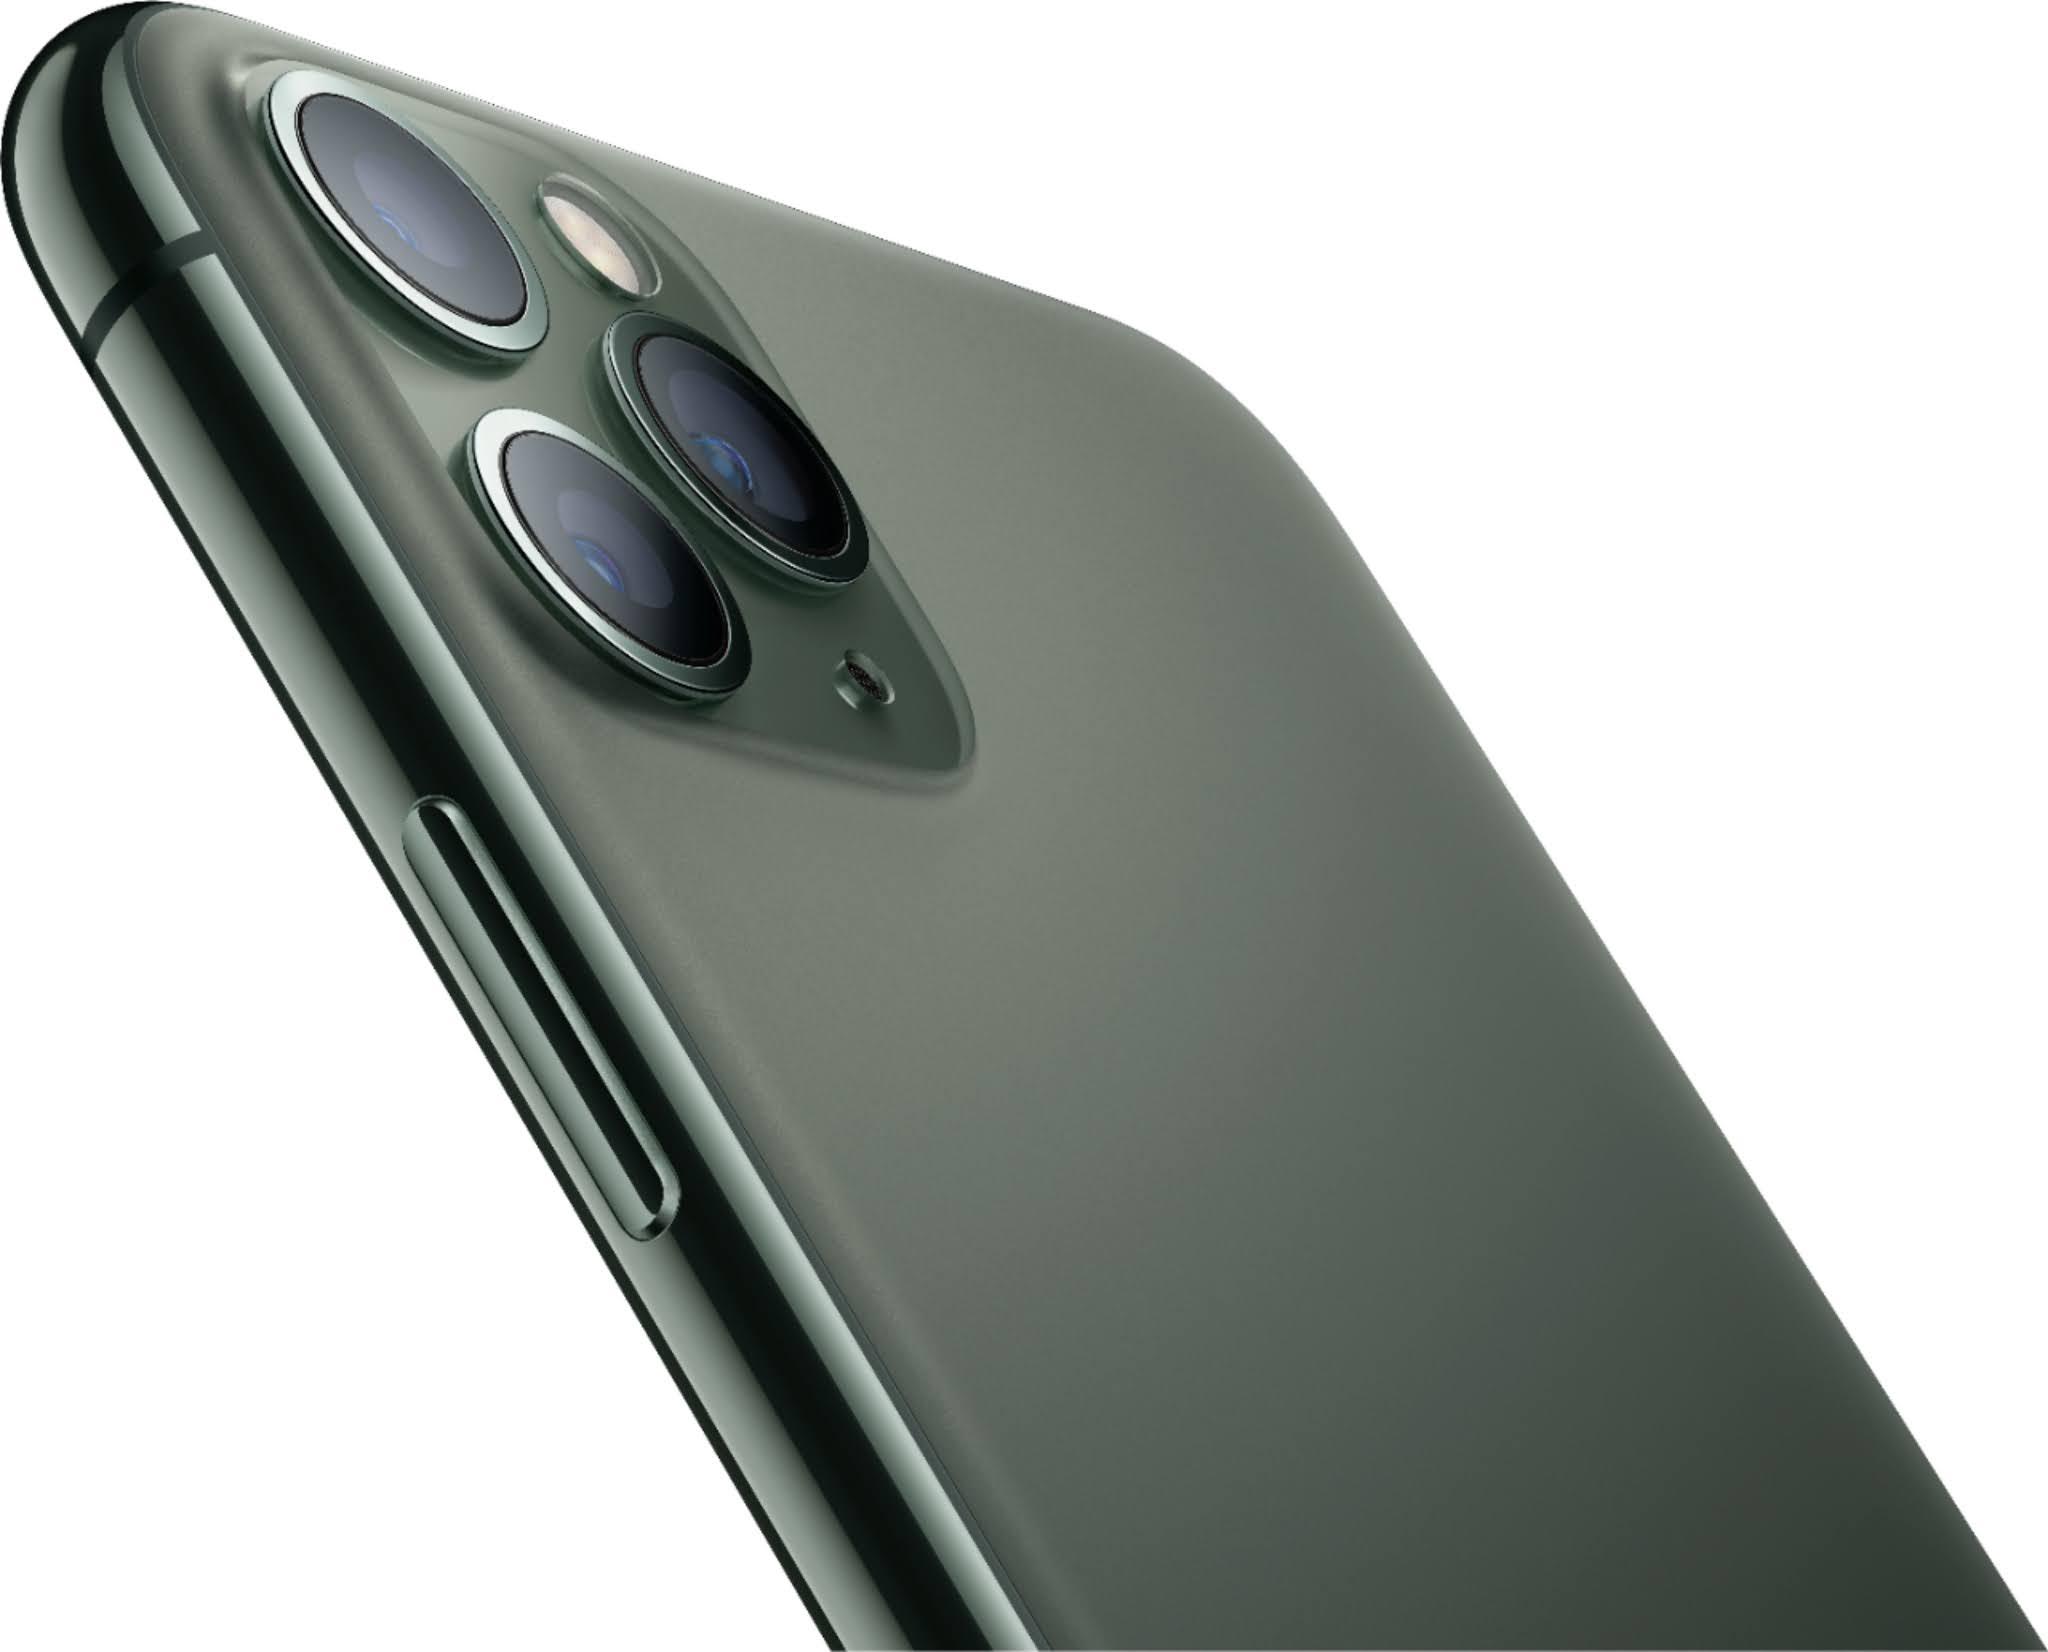 Kelebihan Dan Kekurangan iPhone 11 Pro Max